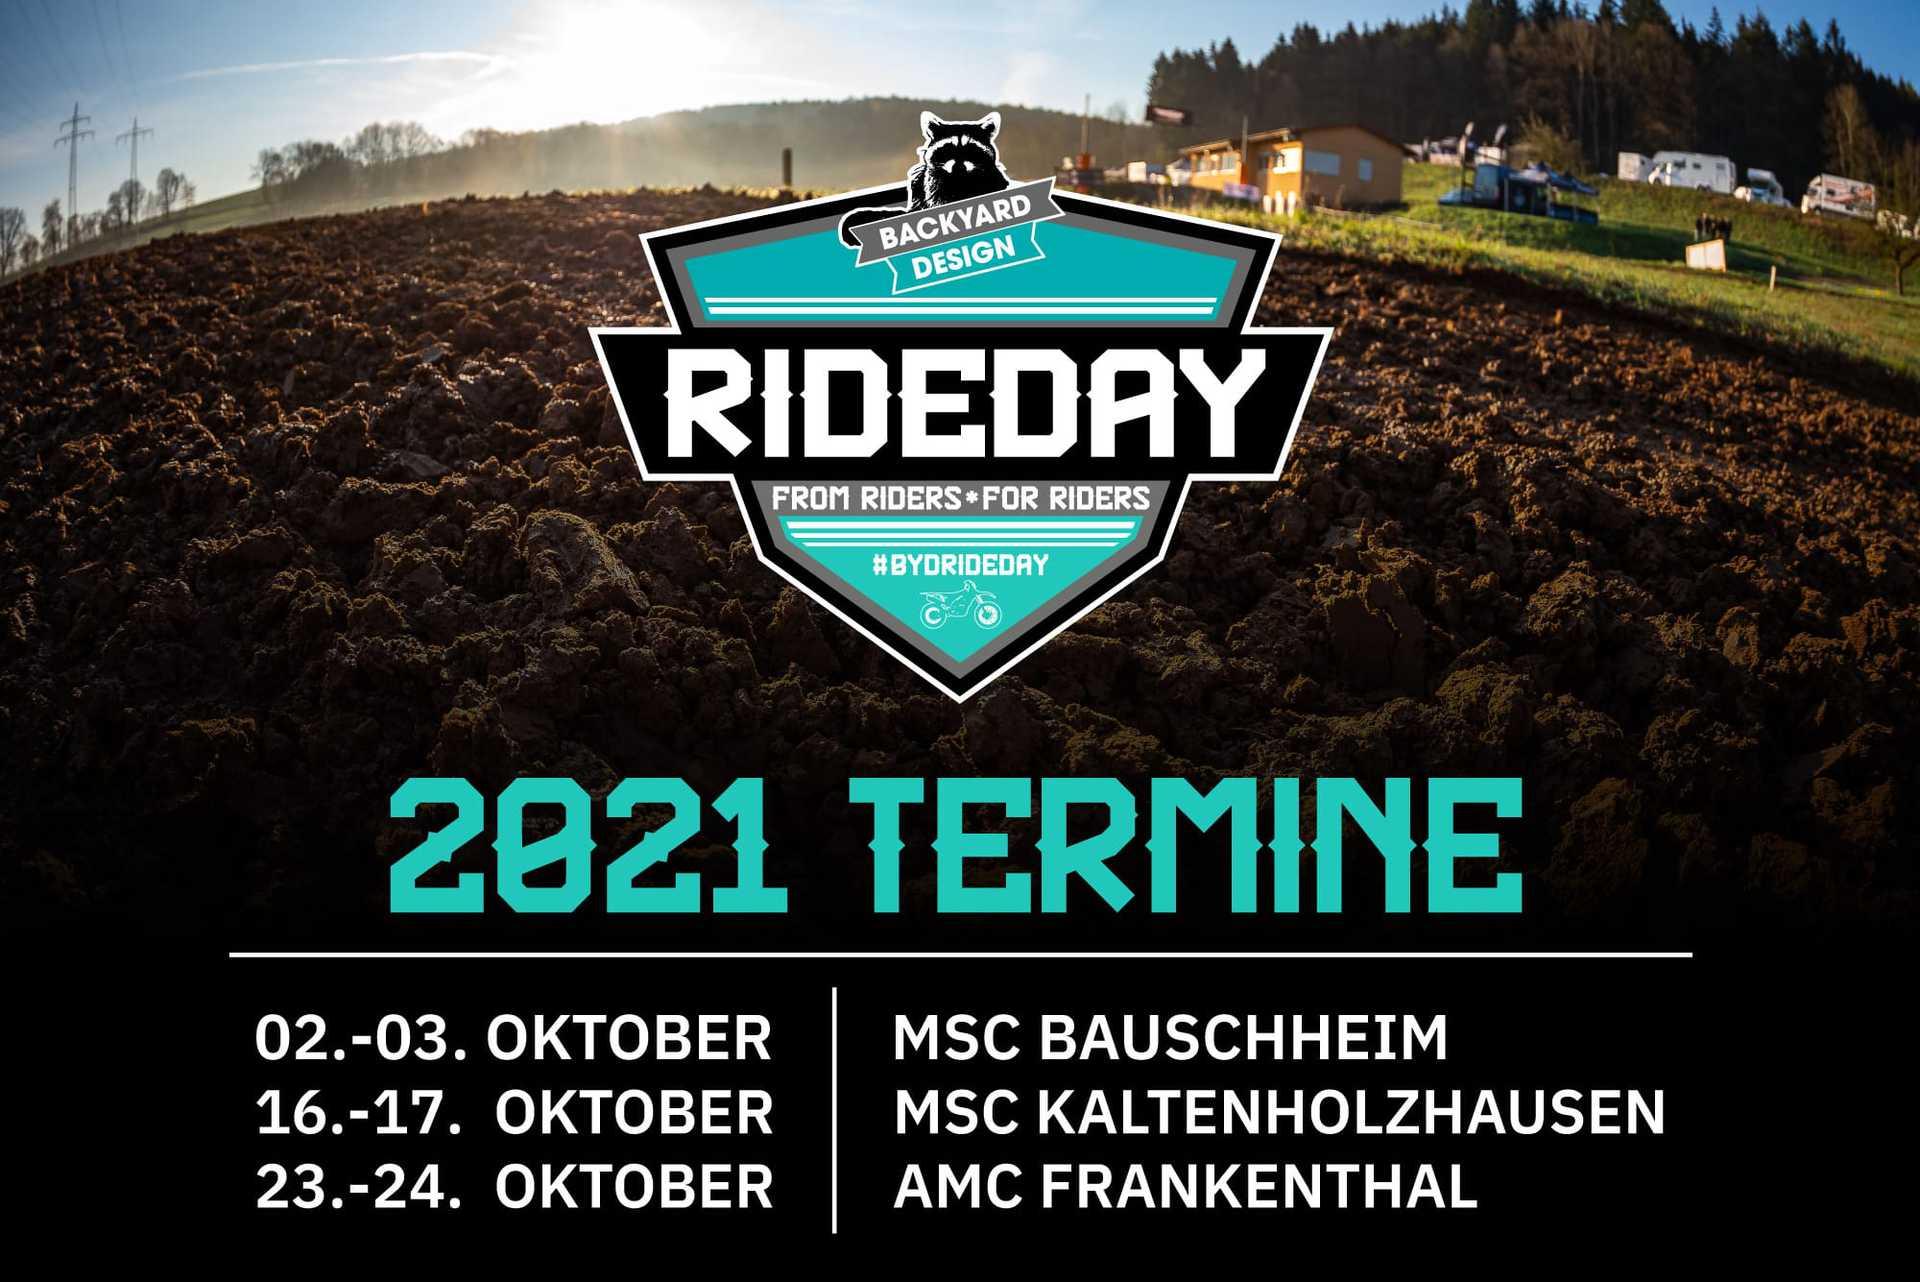 Noch 3 Backyard Design Rideday's in 2021 – Jetzt anmelden!